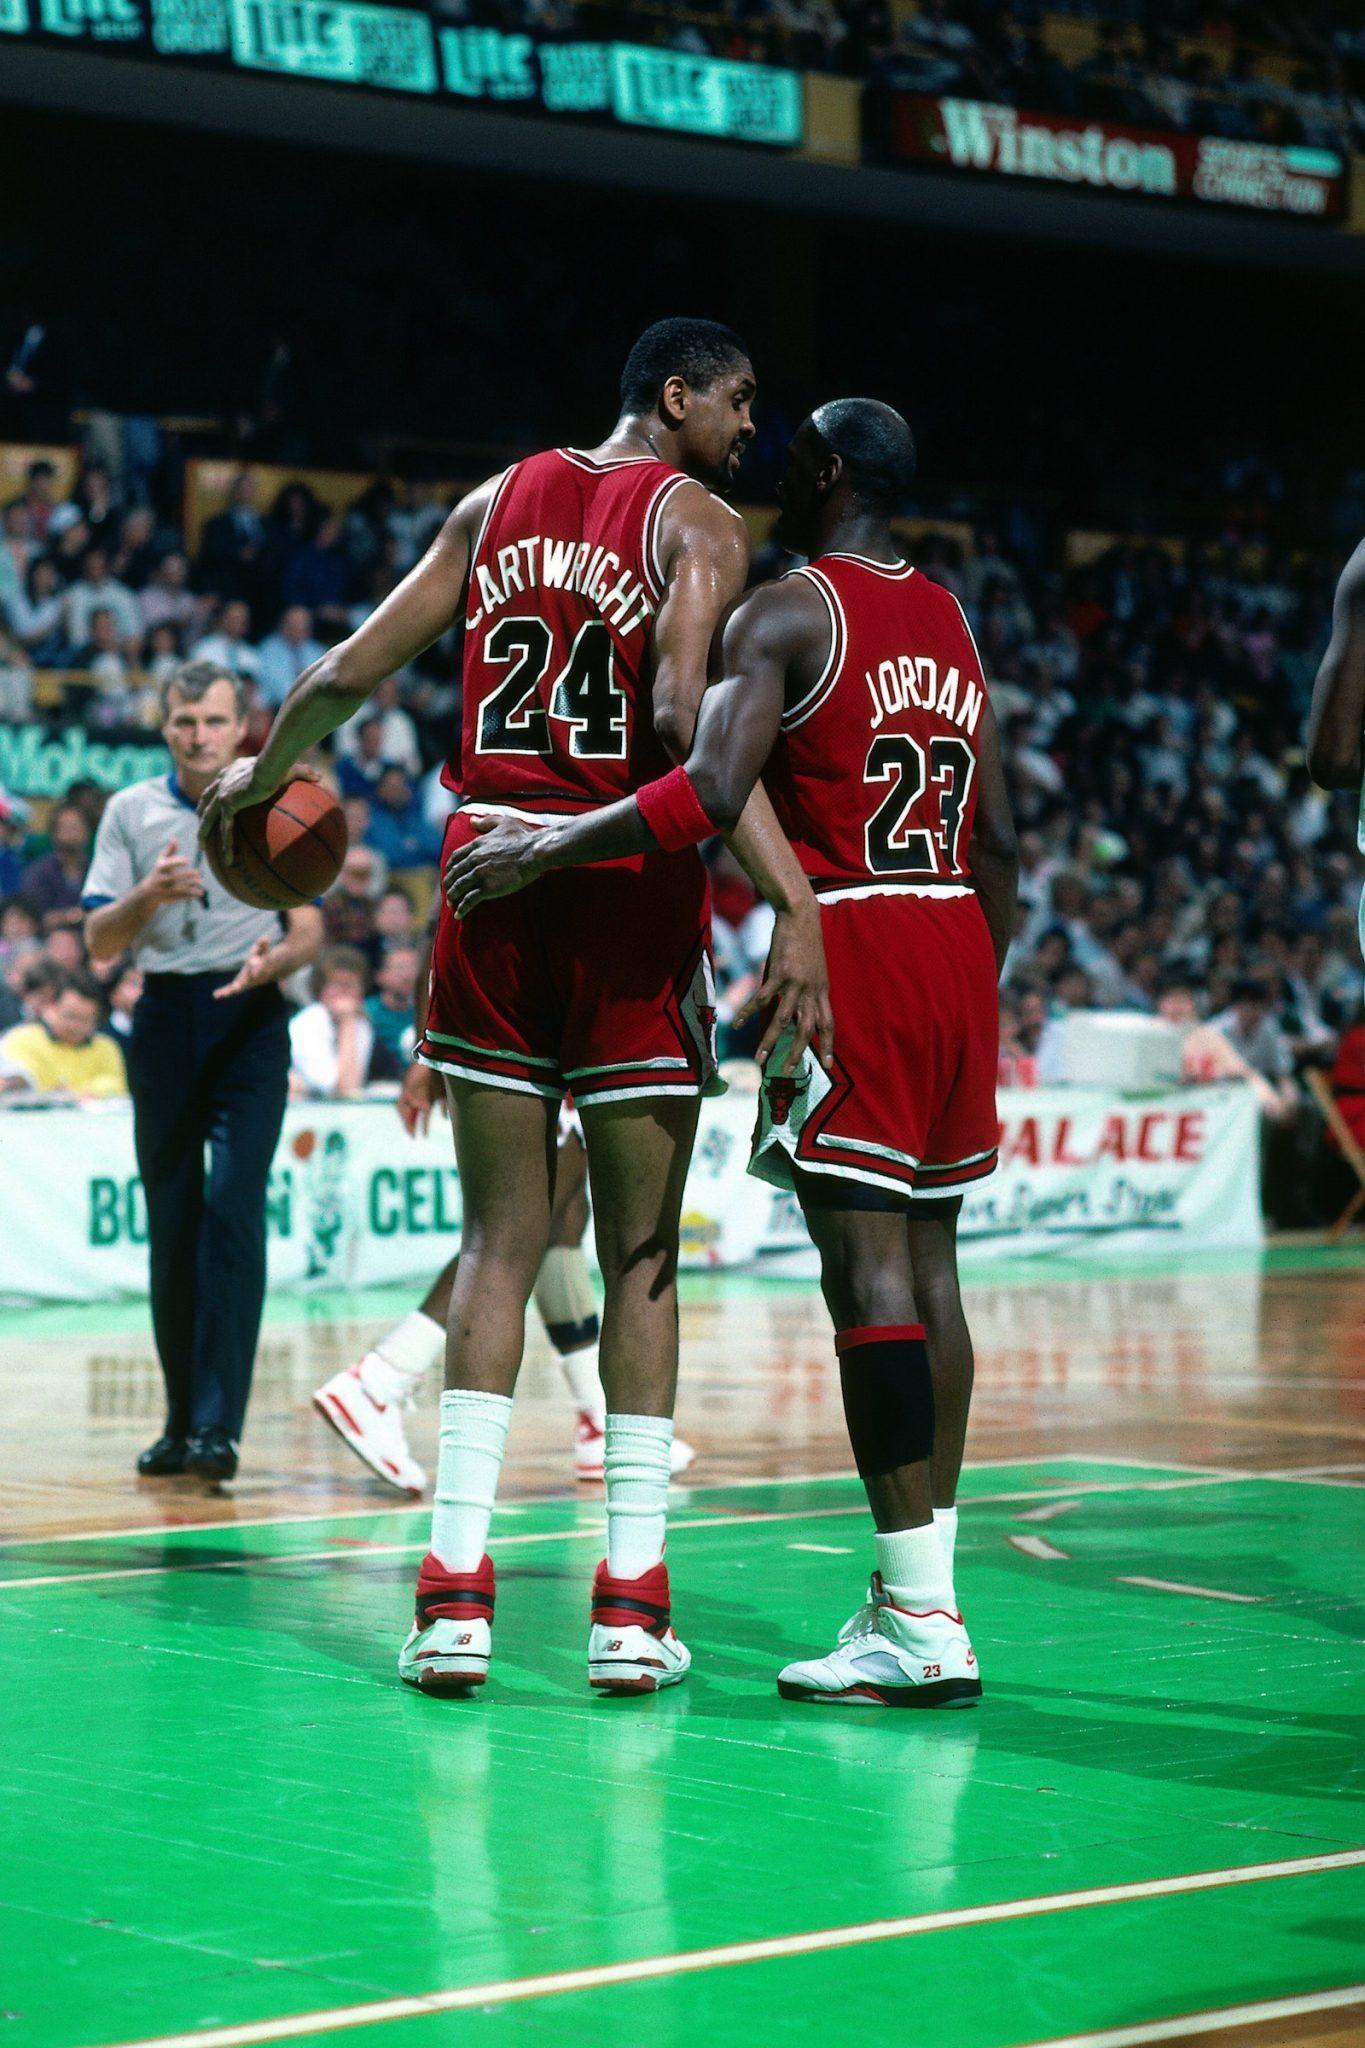 Bill Cartwright and Michael Jordan in 1990